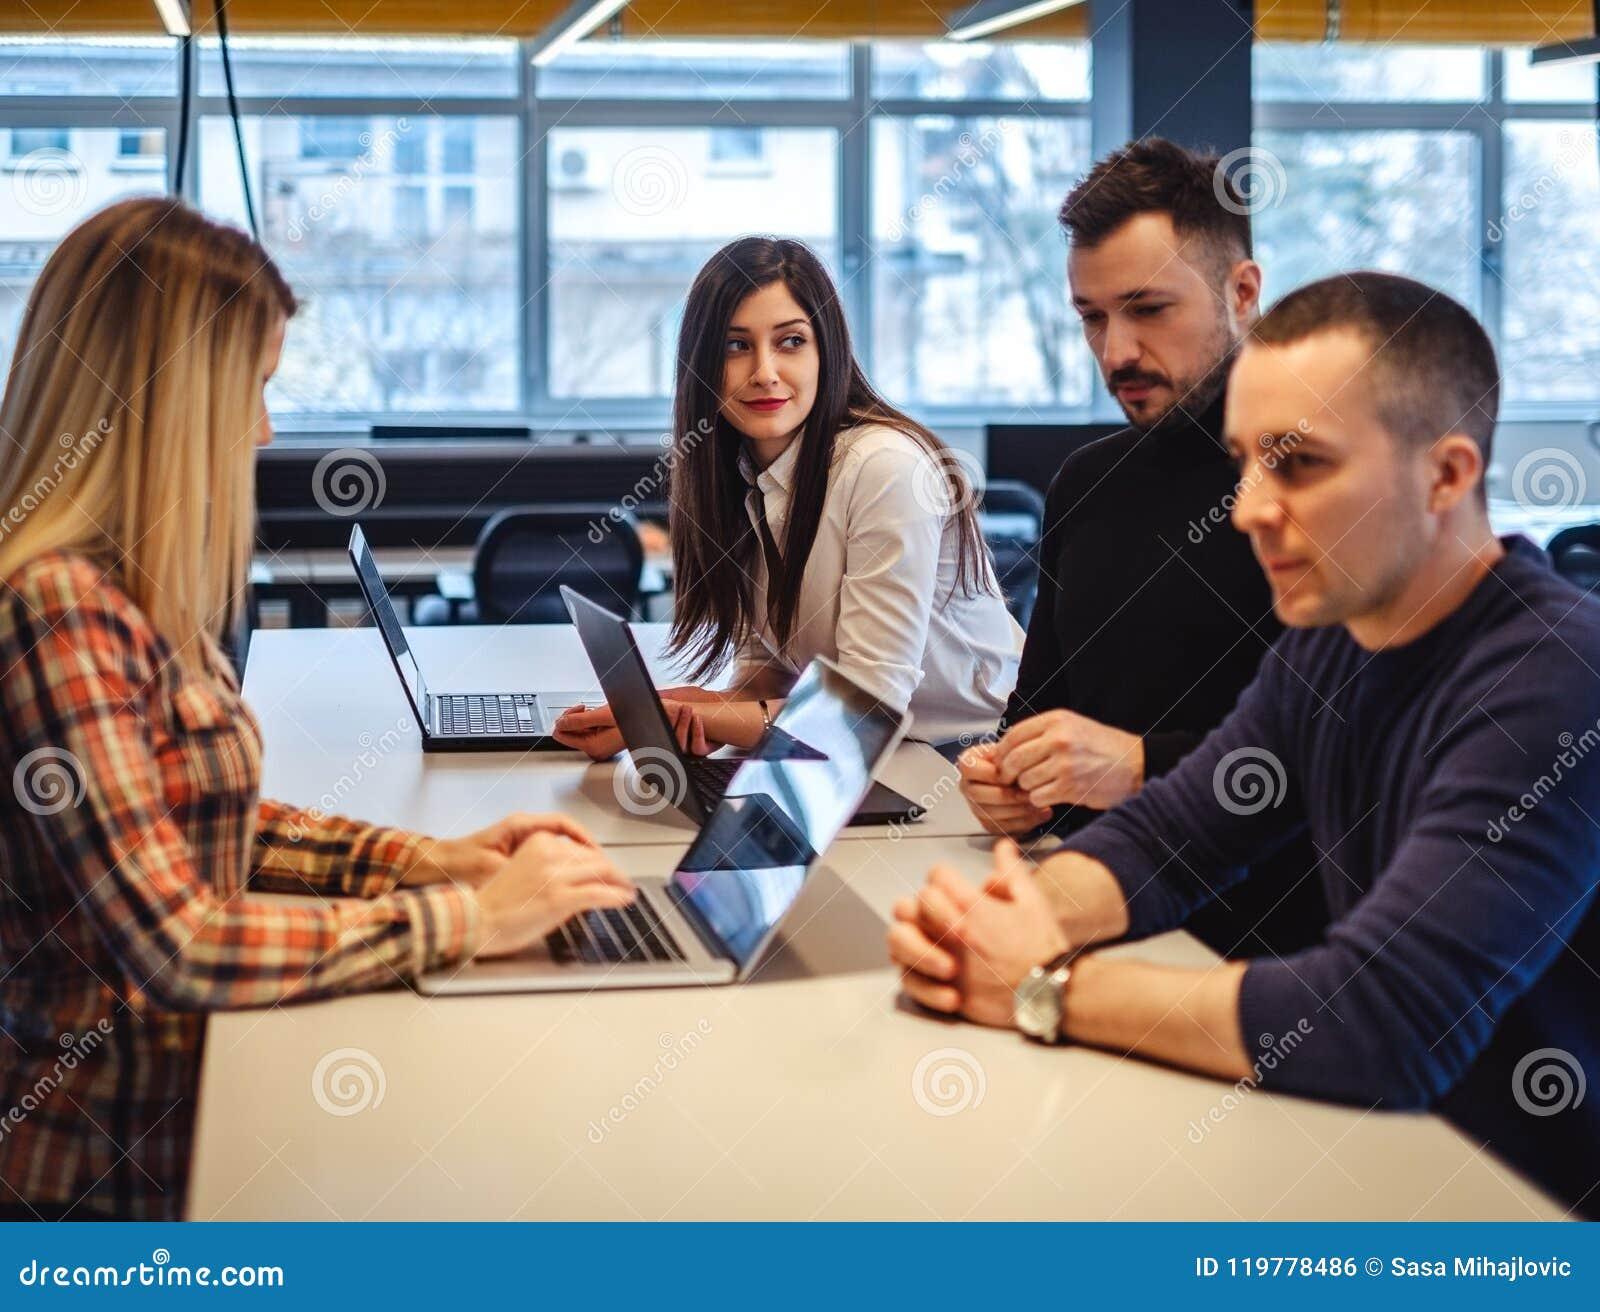 Κορίτσι που έχει μια συντριβή στο συνάδελφο στη συνεδρίαση των γραφείων